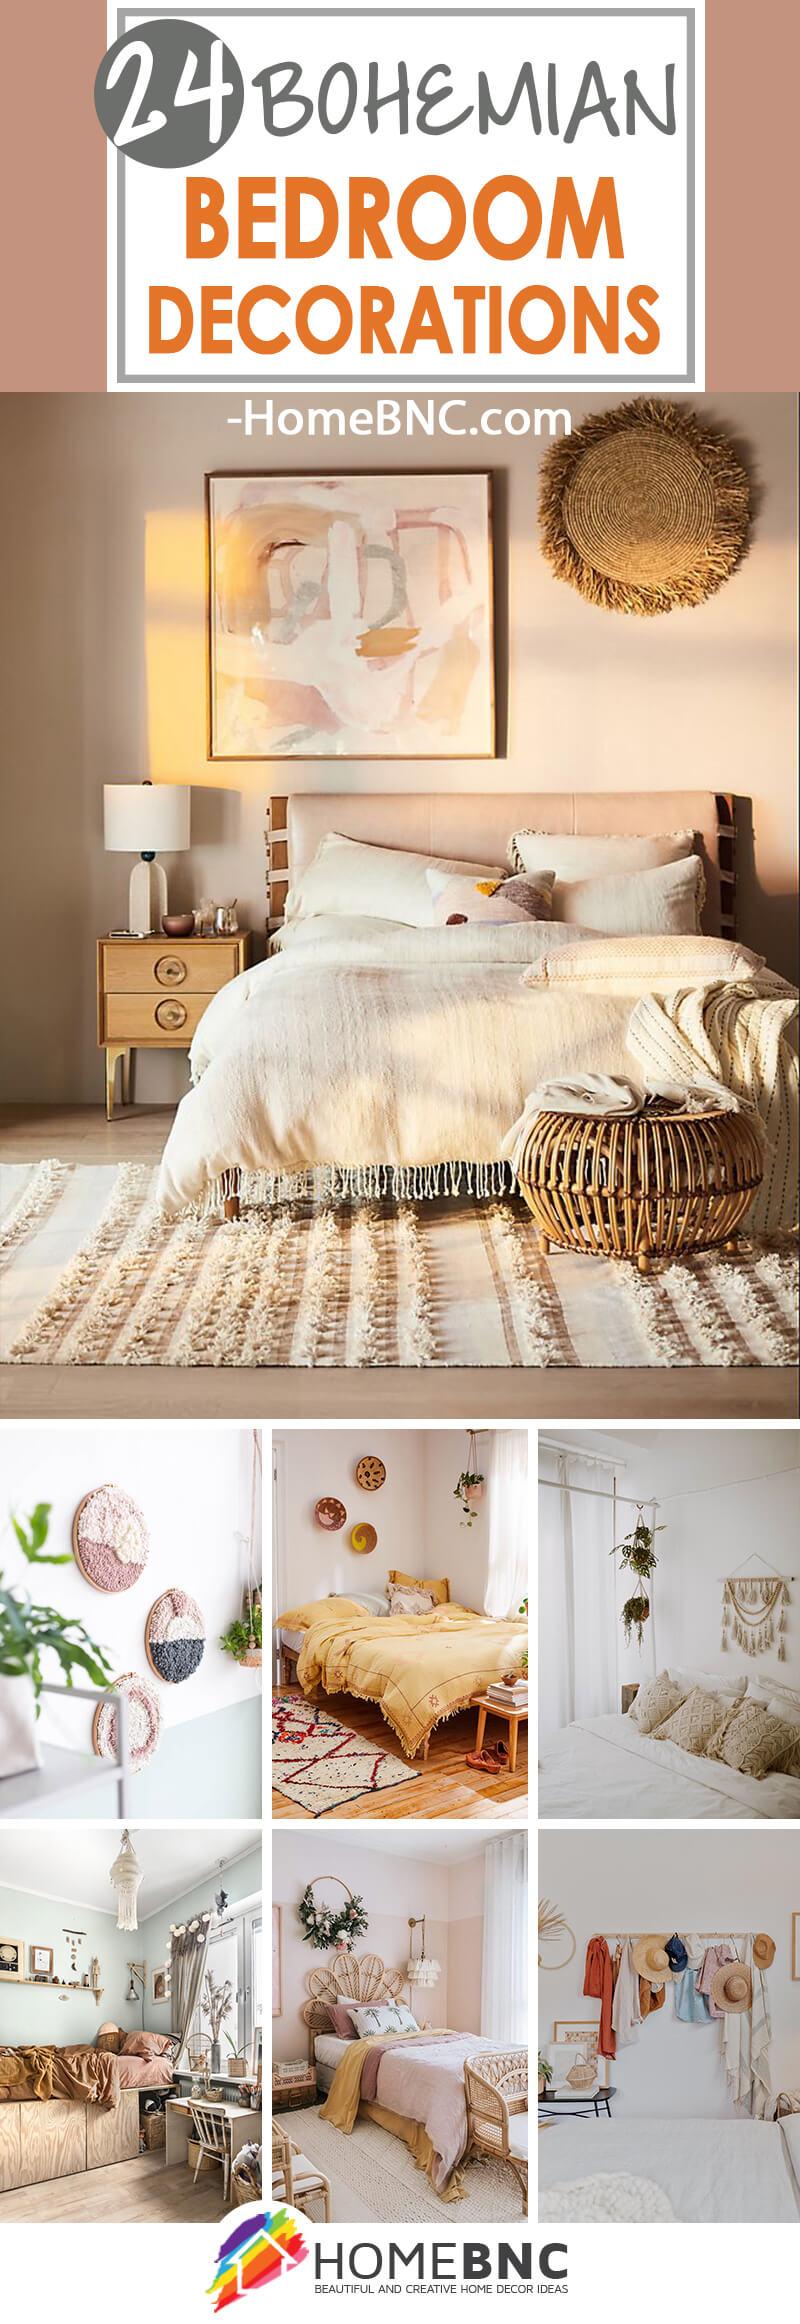 Best Bohemian Bedroom Decor Ideas